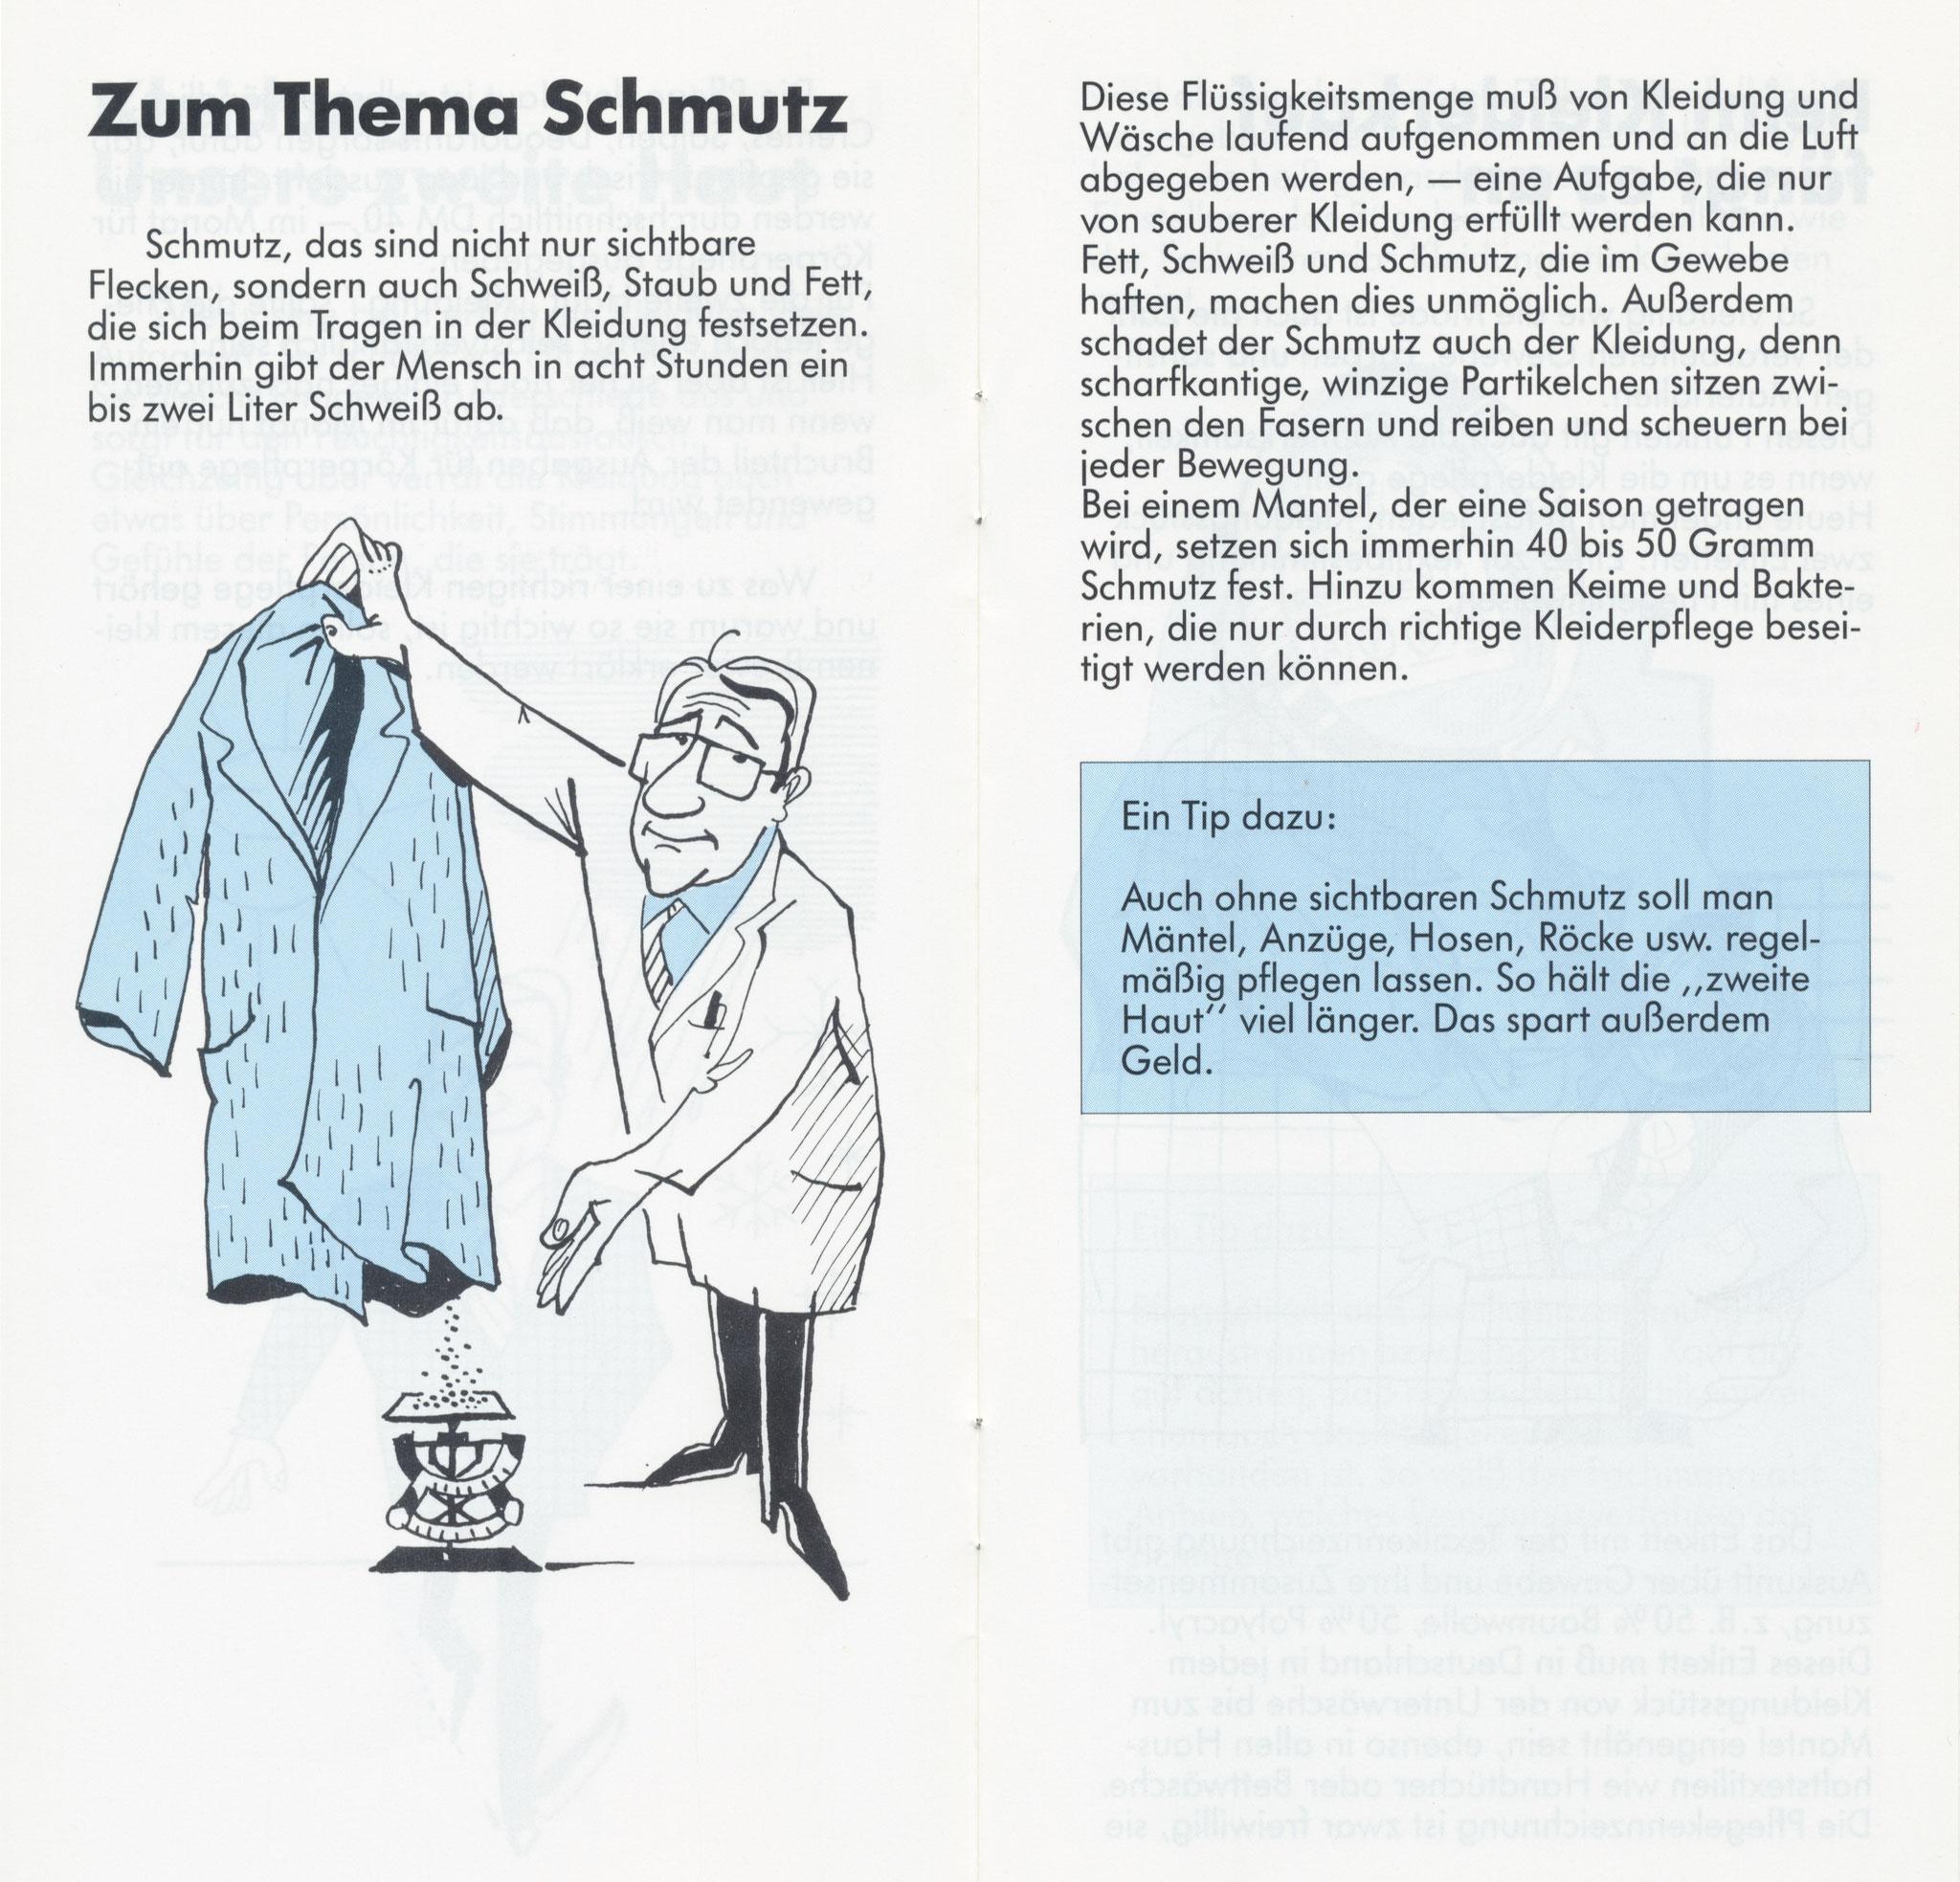 1980 Müden Arbeitskreis Textilreinigung:  Seite 3, Schmutz